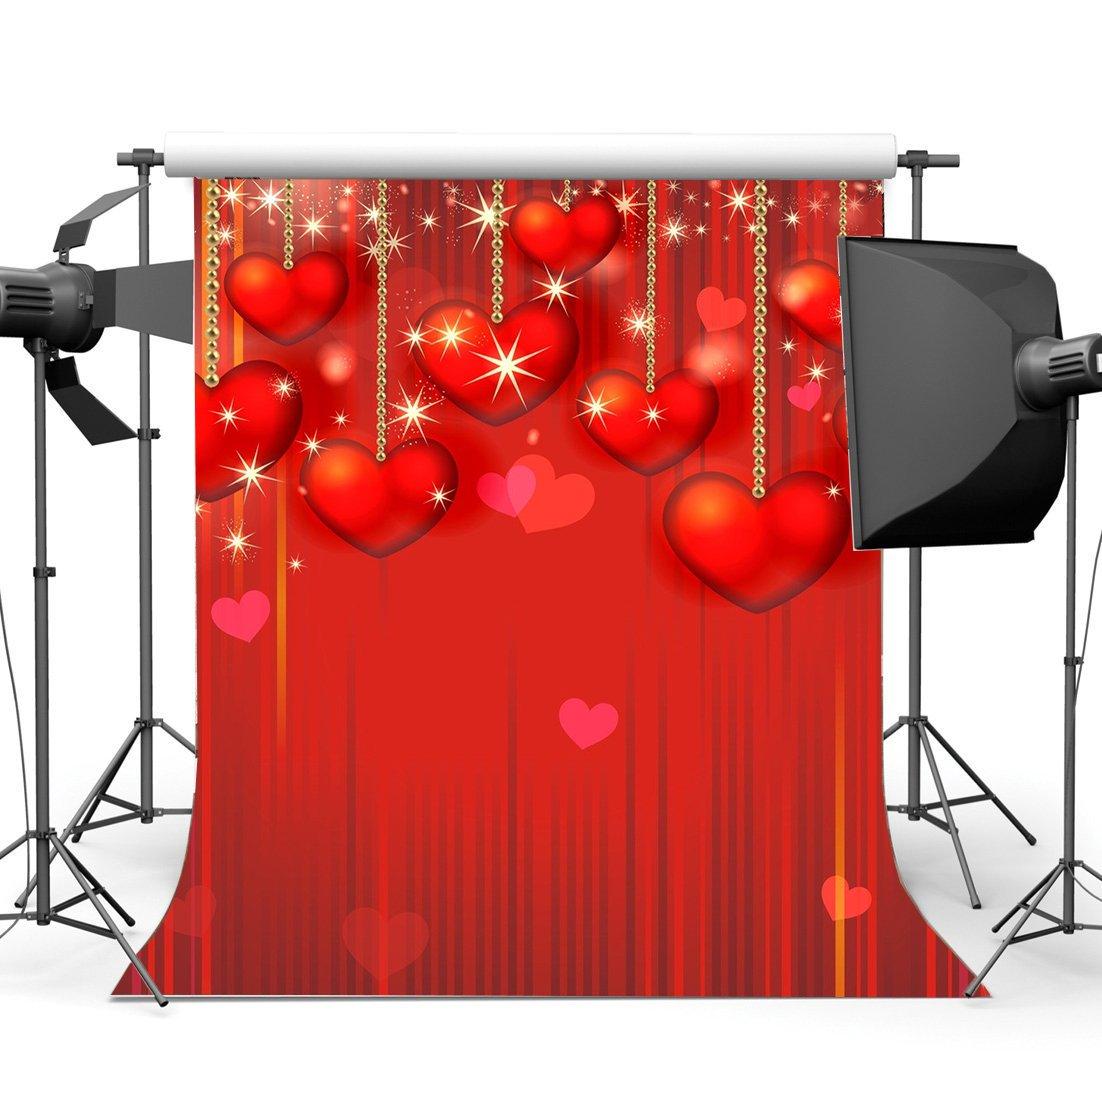 День Святого Валентина фон струны Красные Сладкие сердца блики яркий блеск пятна для романтической свадьбы, вечеринки украшения фотографии фон-in Аксессуары для фотостудии from Бытовая электроника